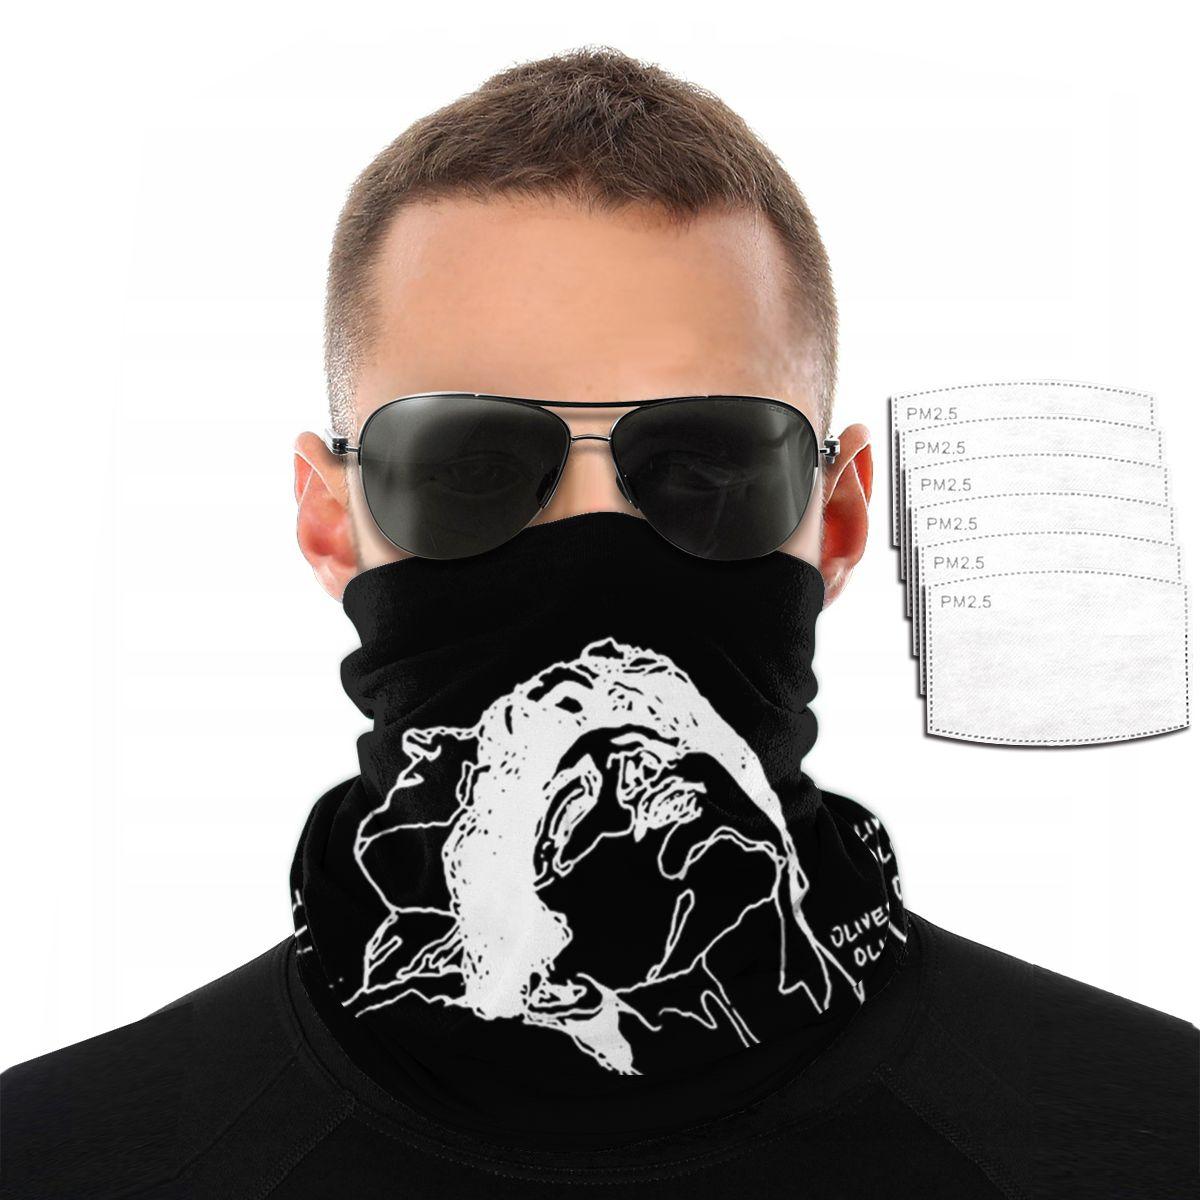 Máscara Elio y Olivern capucha Logotipo de Imagen personalizada para hombres variedad de pañuelos para el cuello toalla para la cara para mujeres máscara para la cabeza